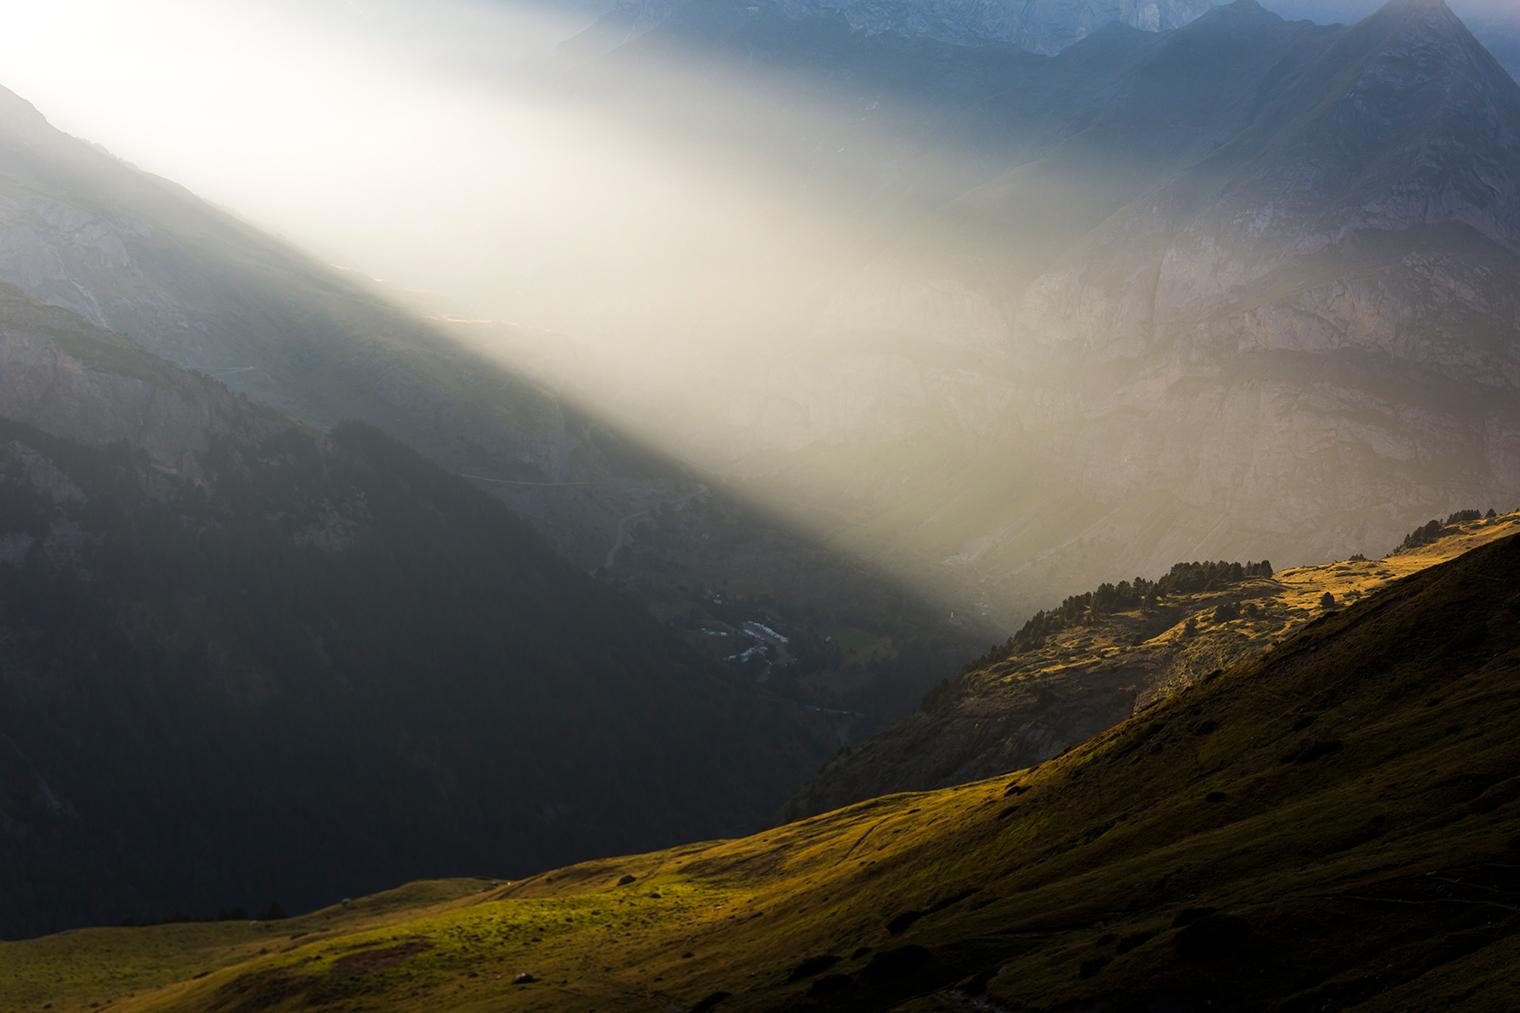 Rayo de luz sobre la montaña